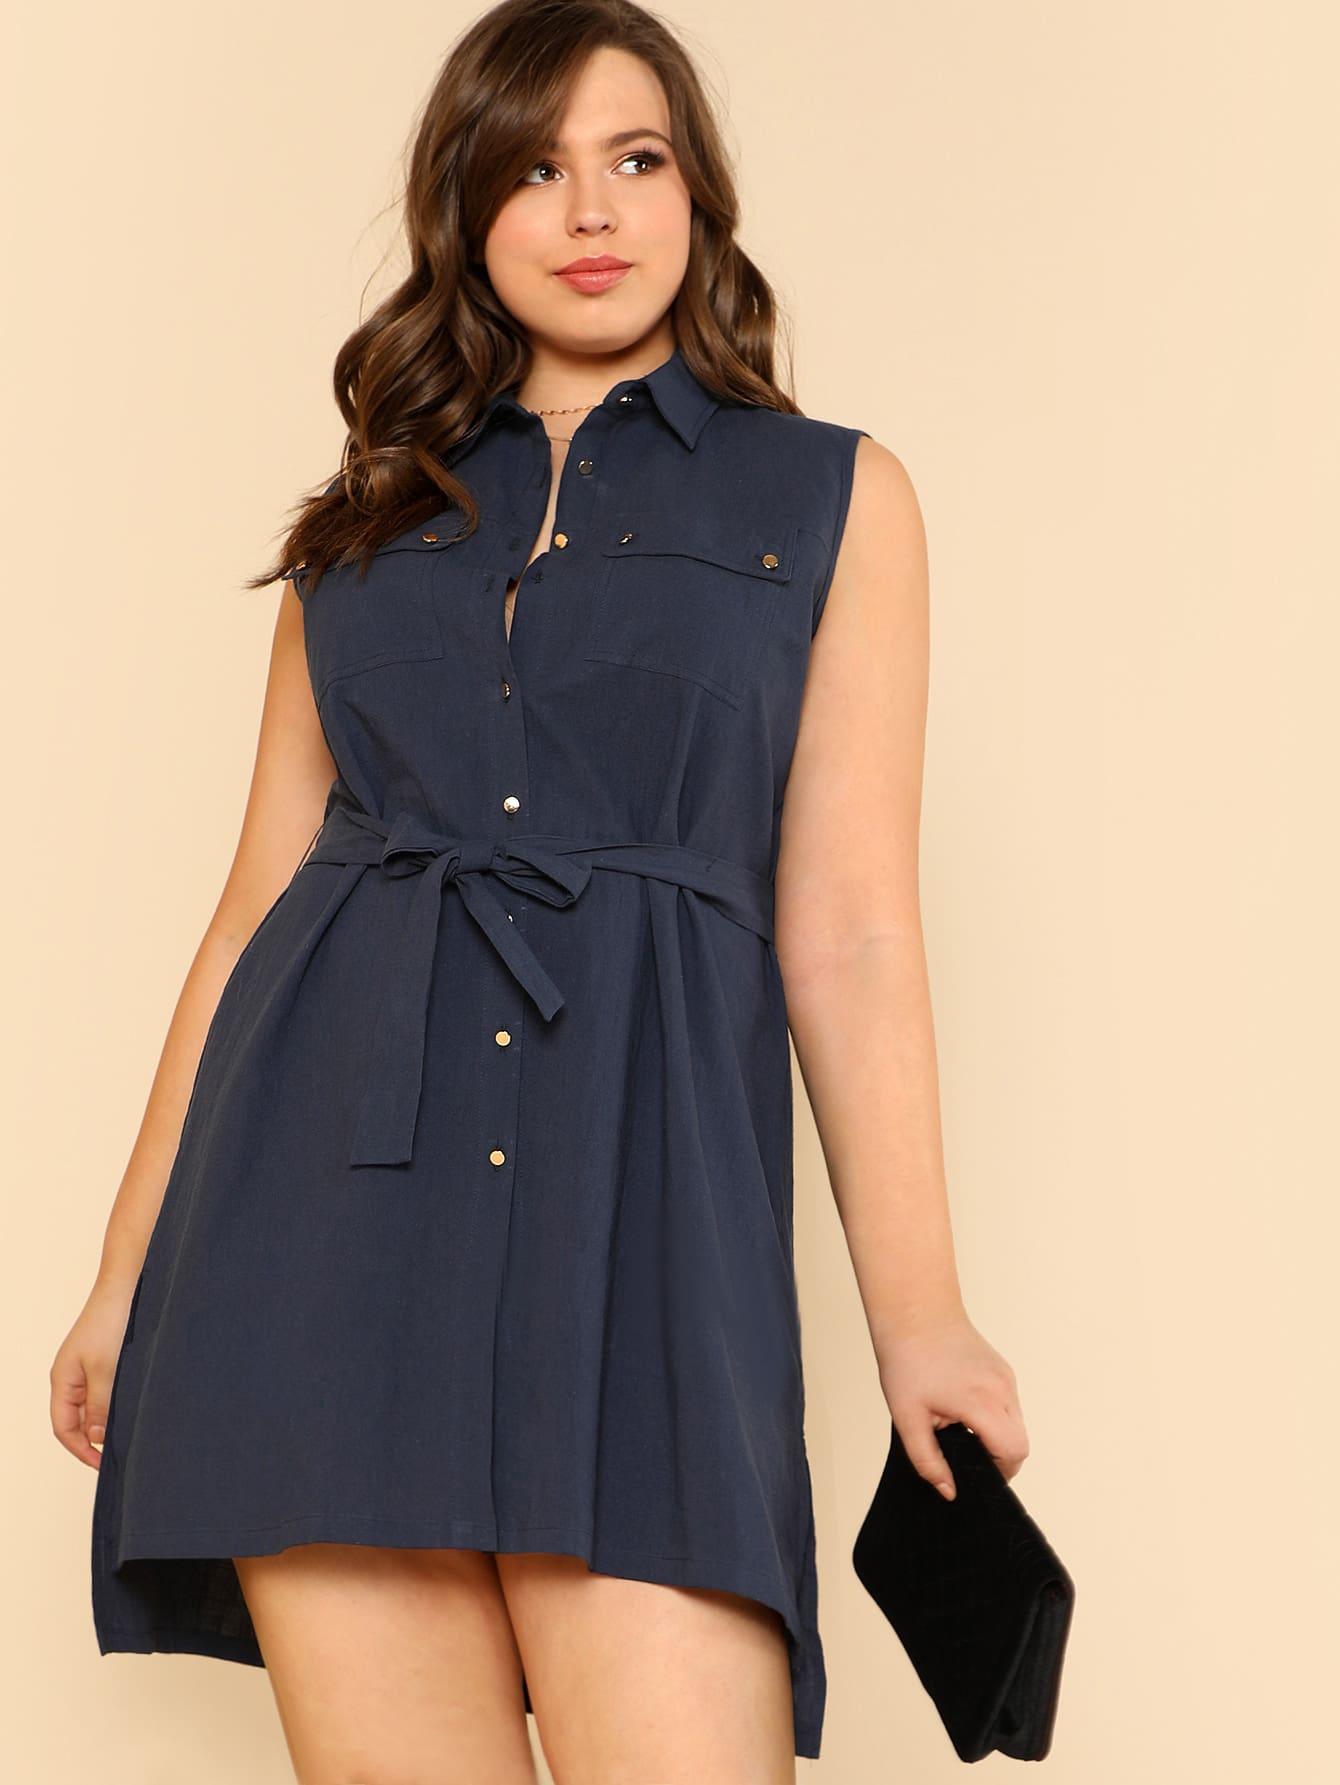 Self Belted Slit Dip Hem Shirt Dress self belted solid dress